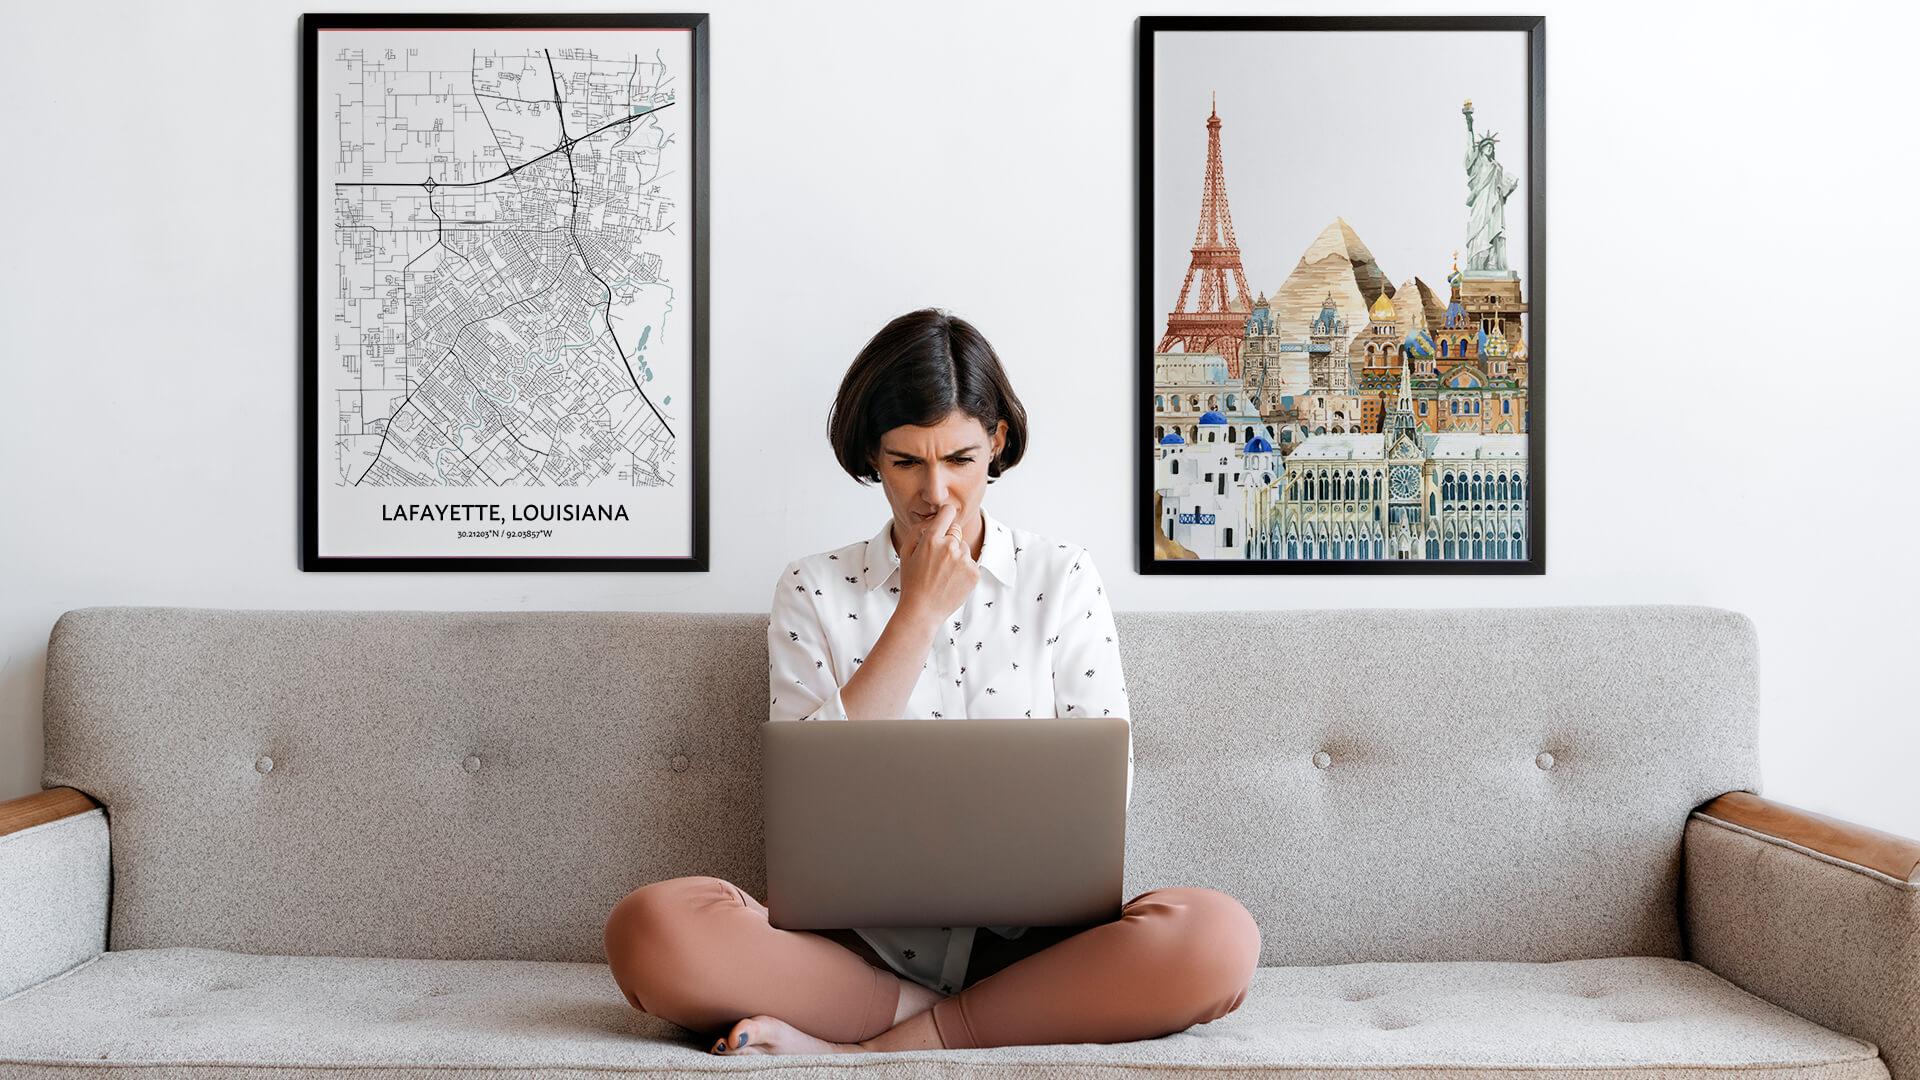 Lafayette city map art